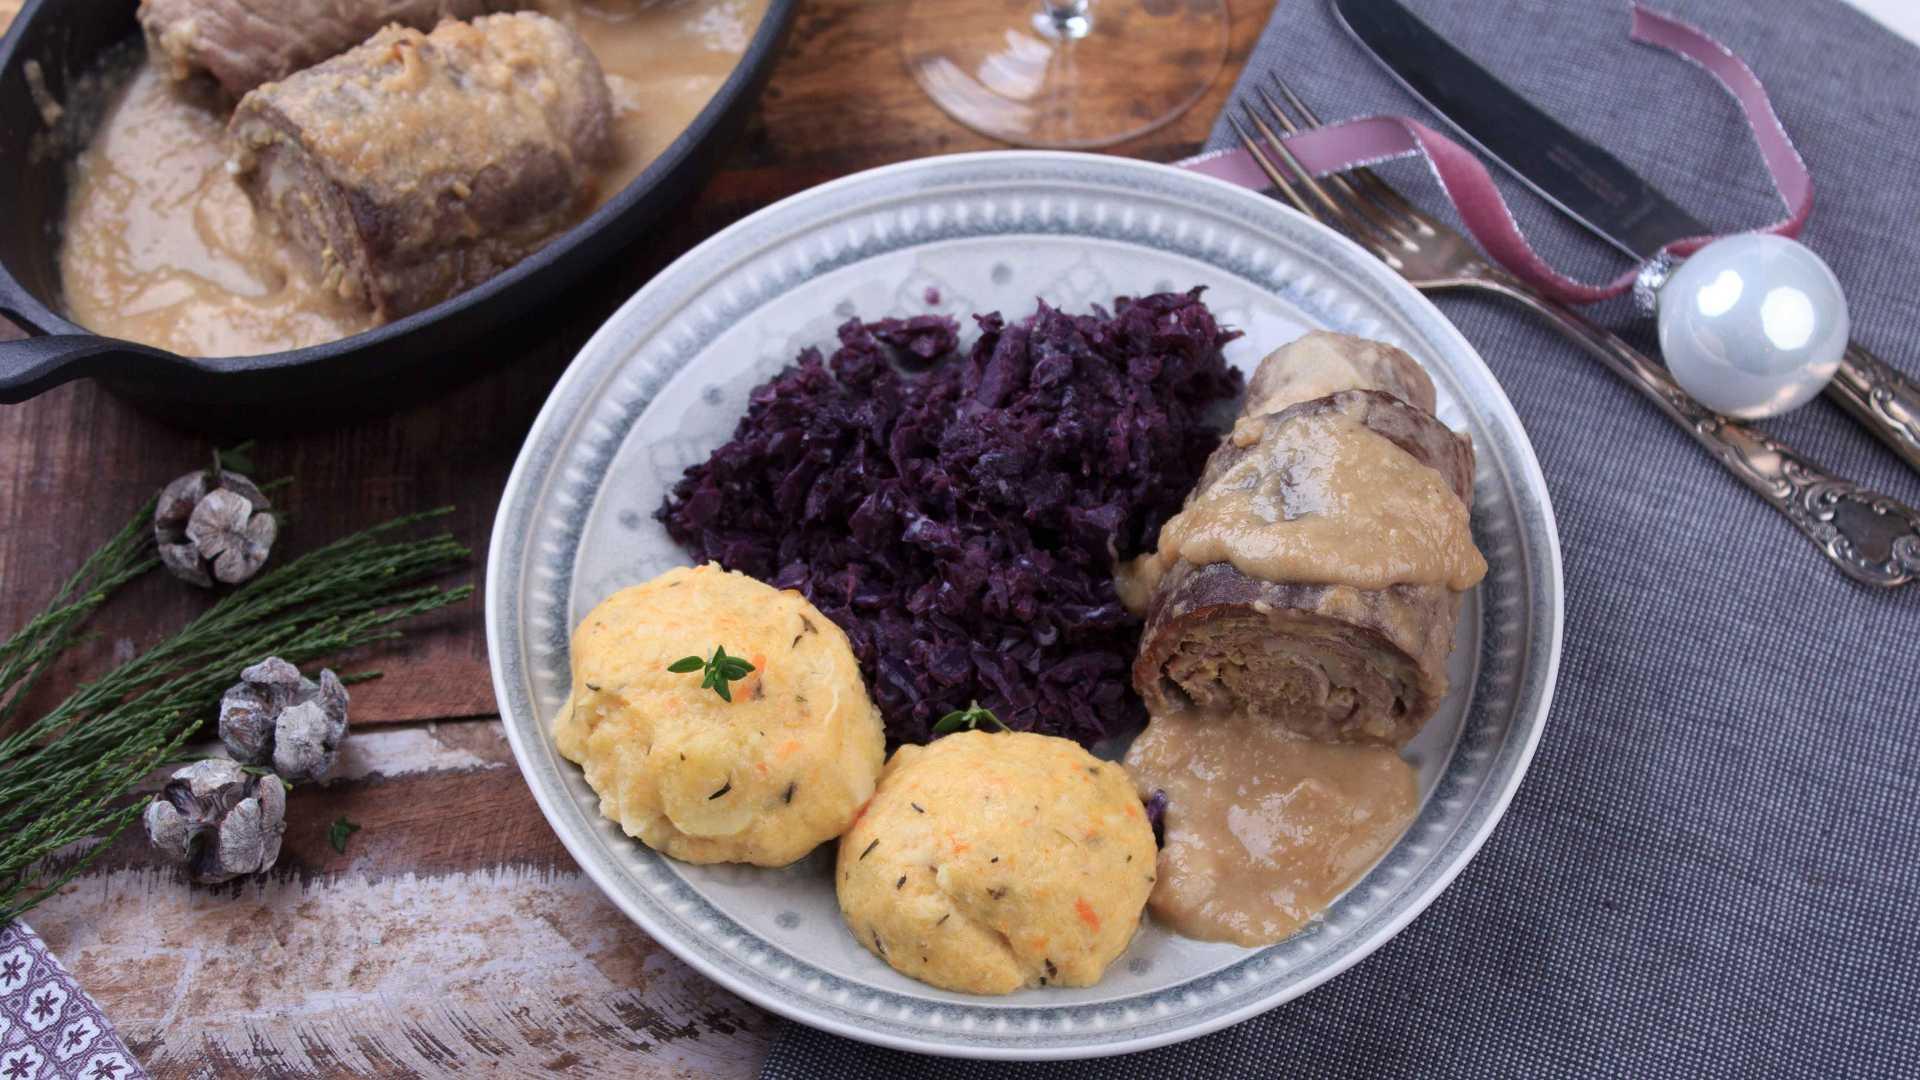 Auf einem Teller wird ein Low Carb-Menue serviert: Rotkohl, Kloesse, Rinderroulade